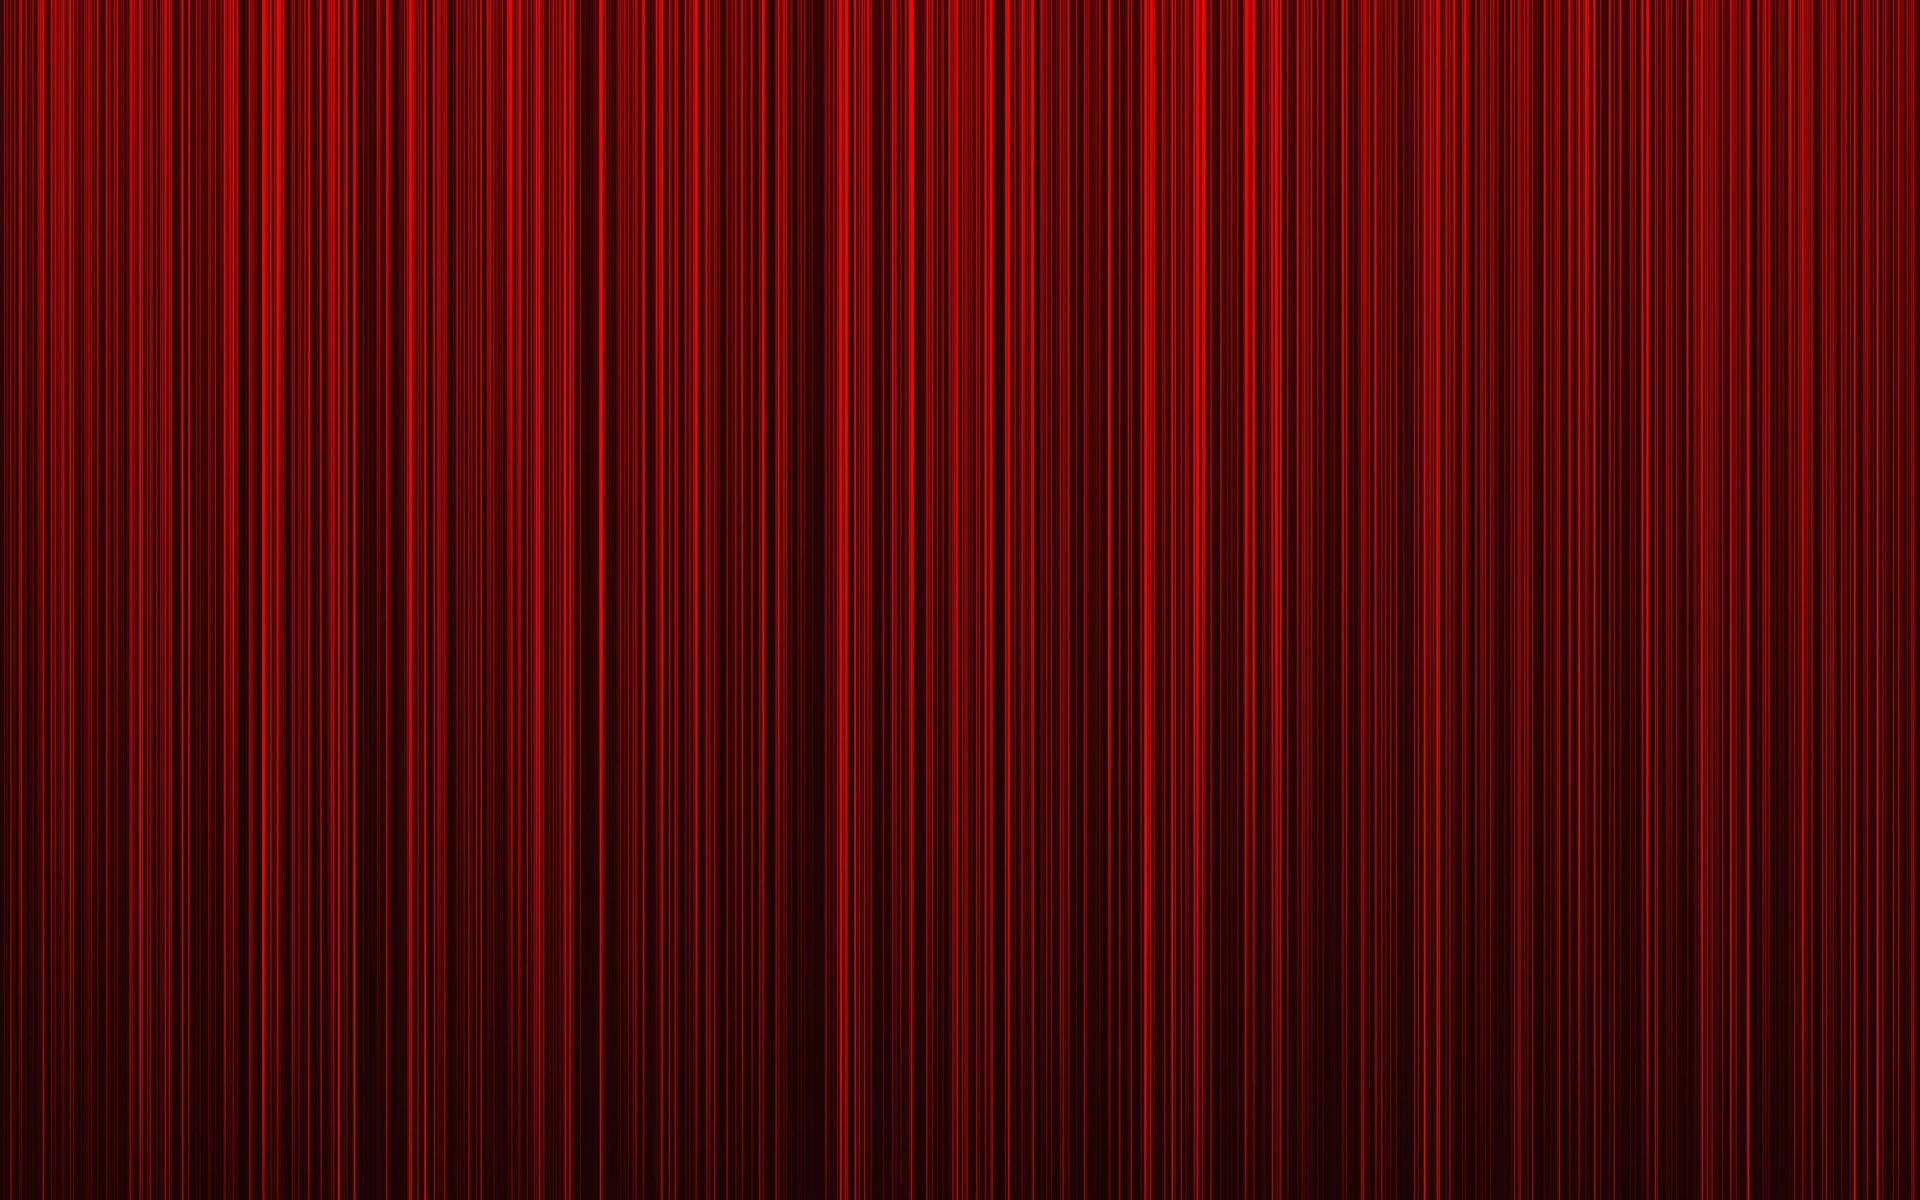 壁纸1920×1200精美幻彩宽屏色彩背景壁纸 第一集 壁纸18壁纸 精美幻彩宽屏色彩背景壁纸图片系统壁纸系统图片素材桌面壁纸